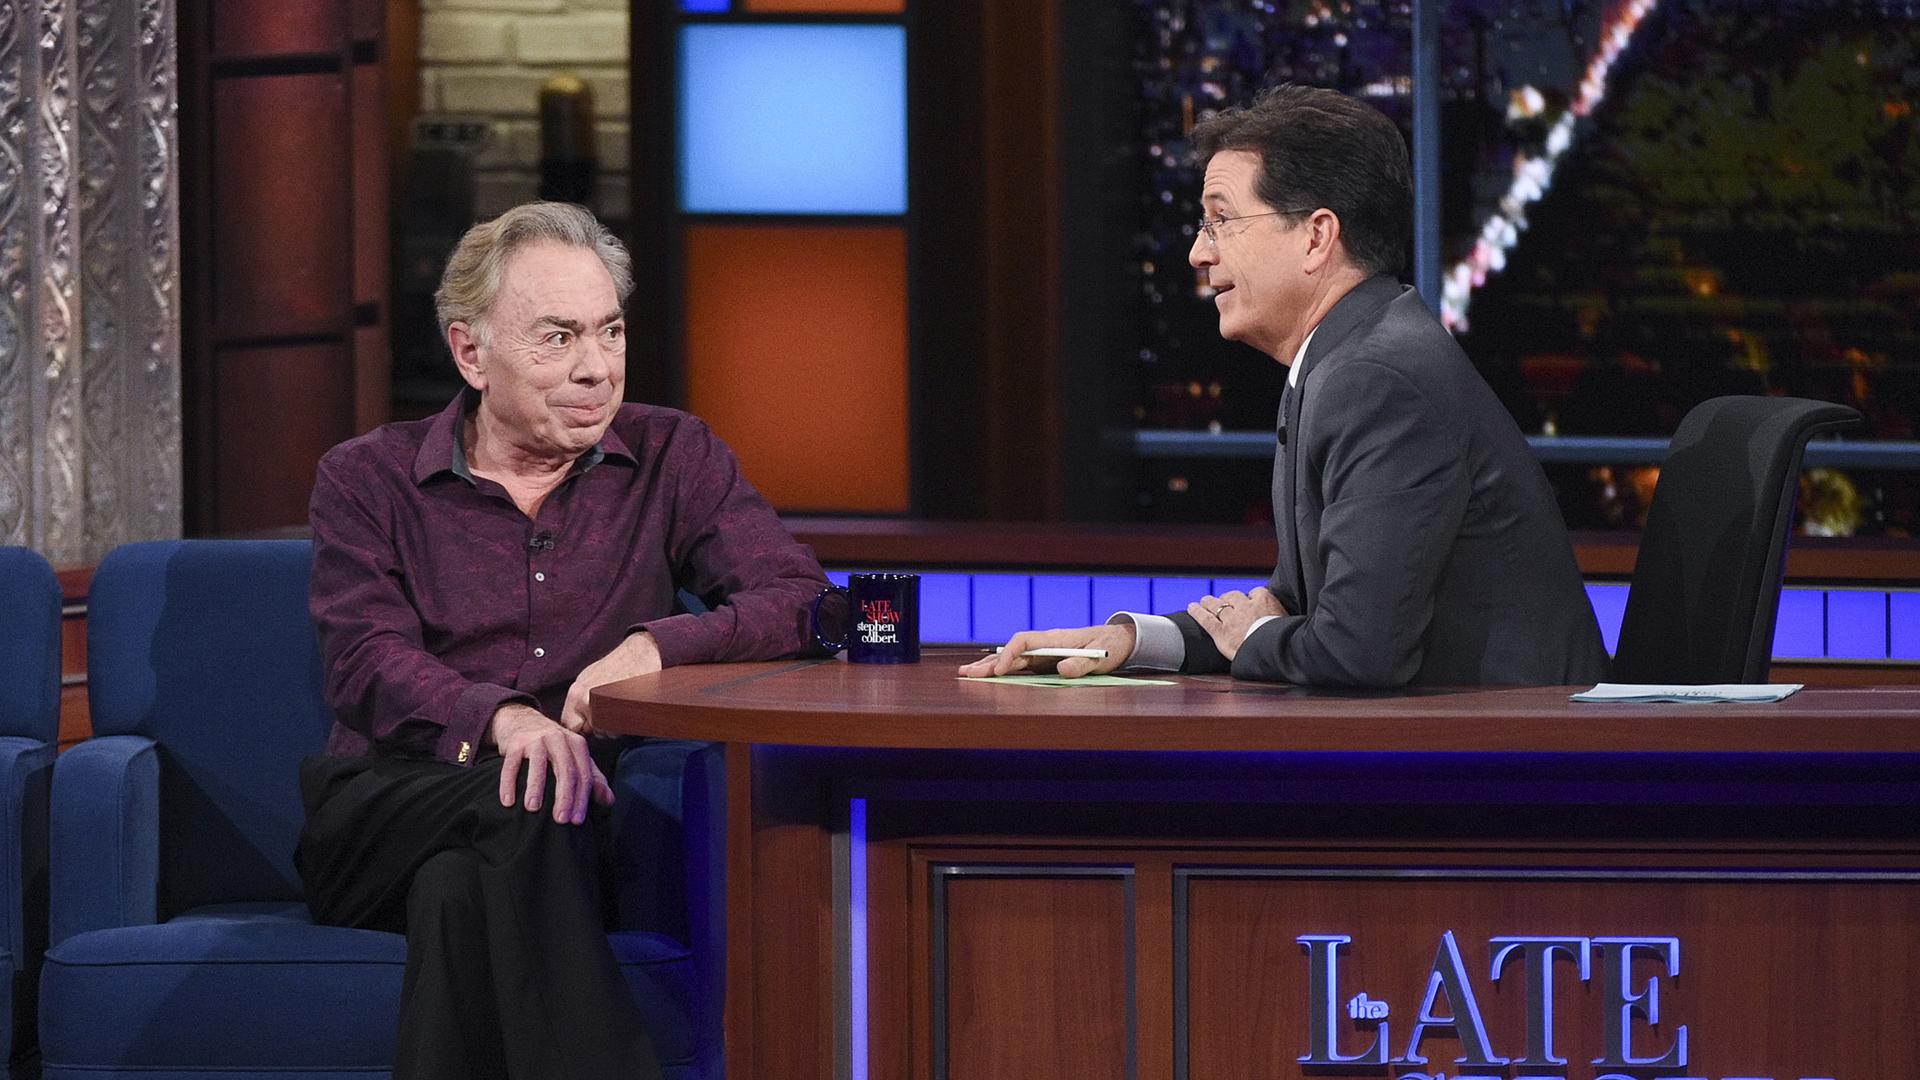 Andrew Lloyd Webber and Stephen Colbert